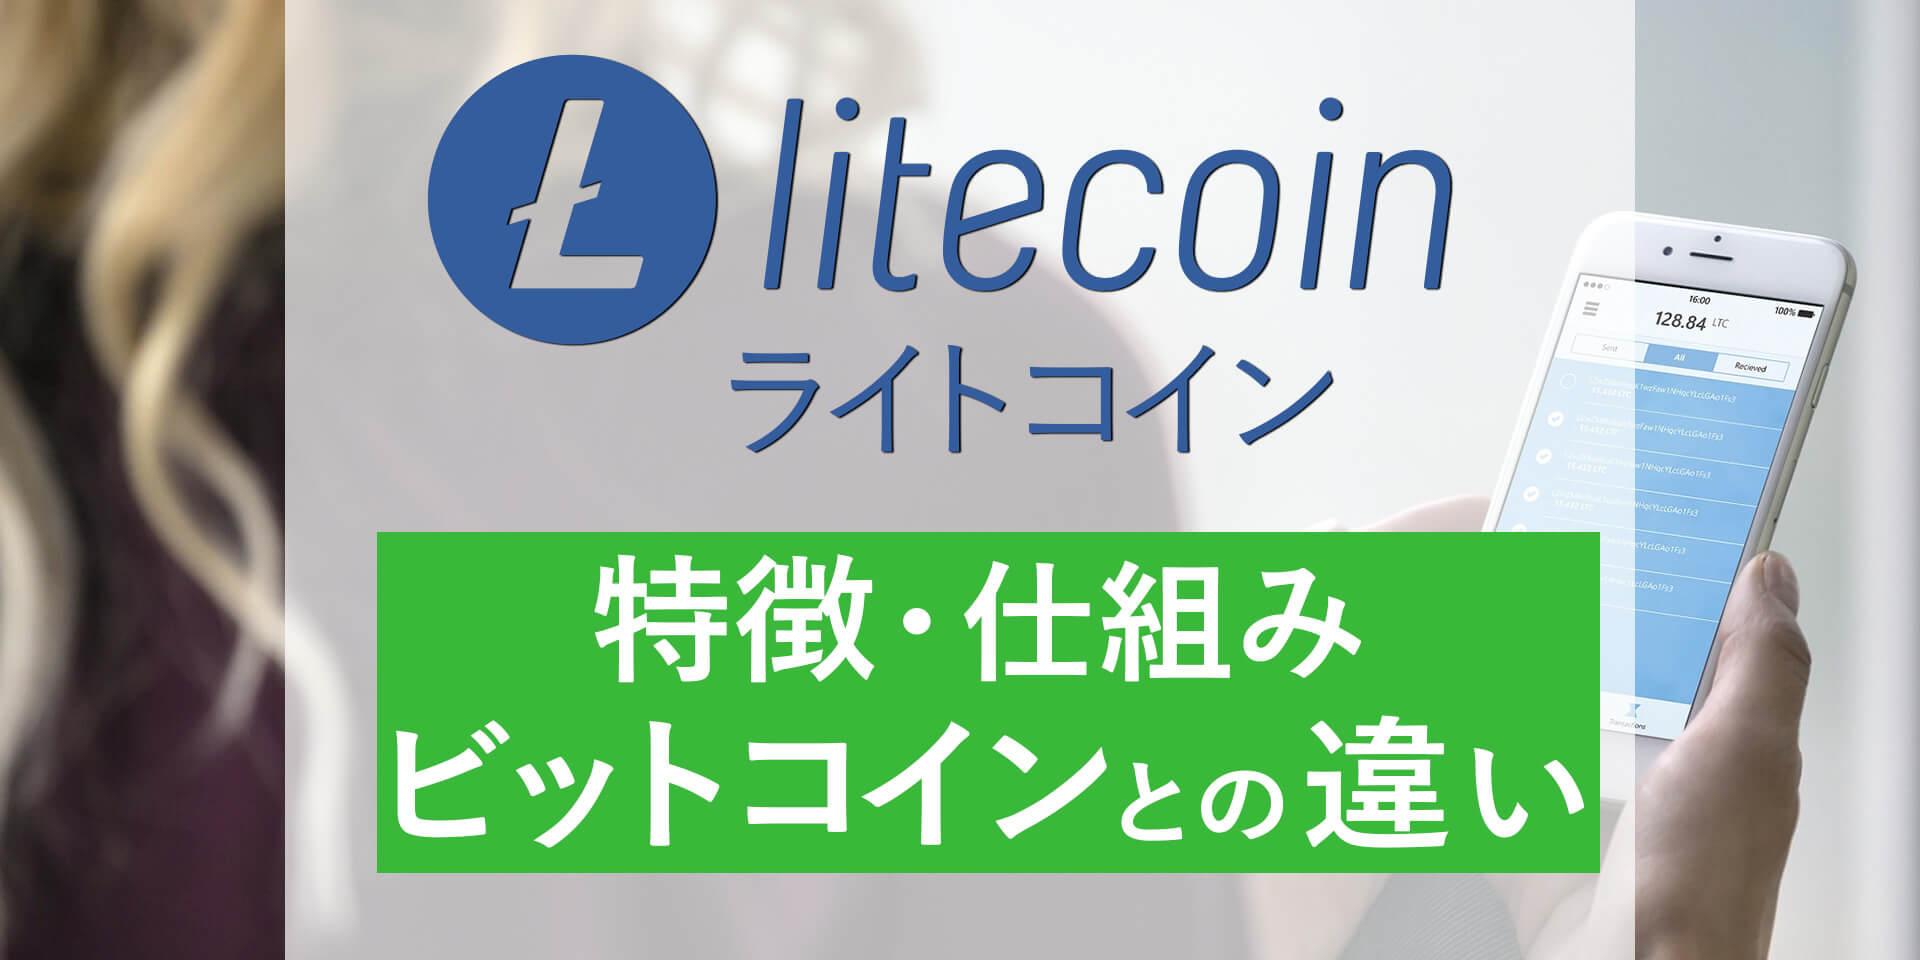 ライトコインとは?特徴、仕組み、ビットコインとの違いを徹底解説!